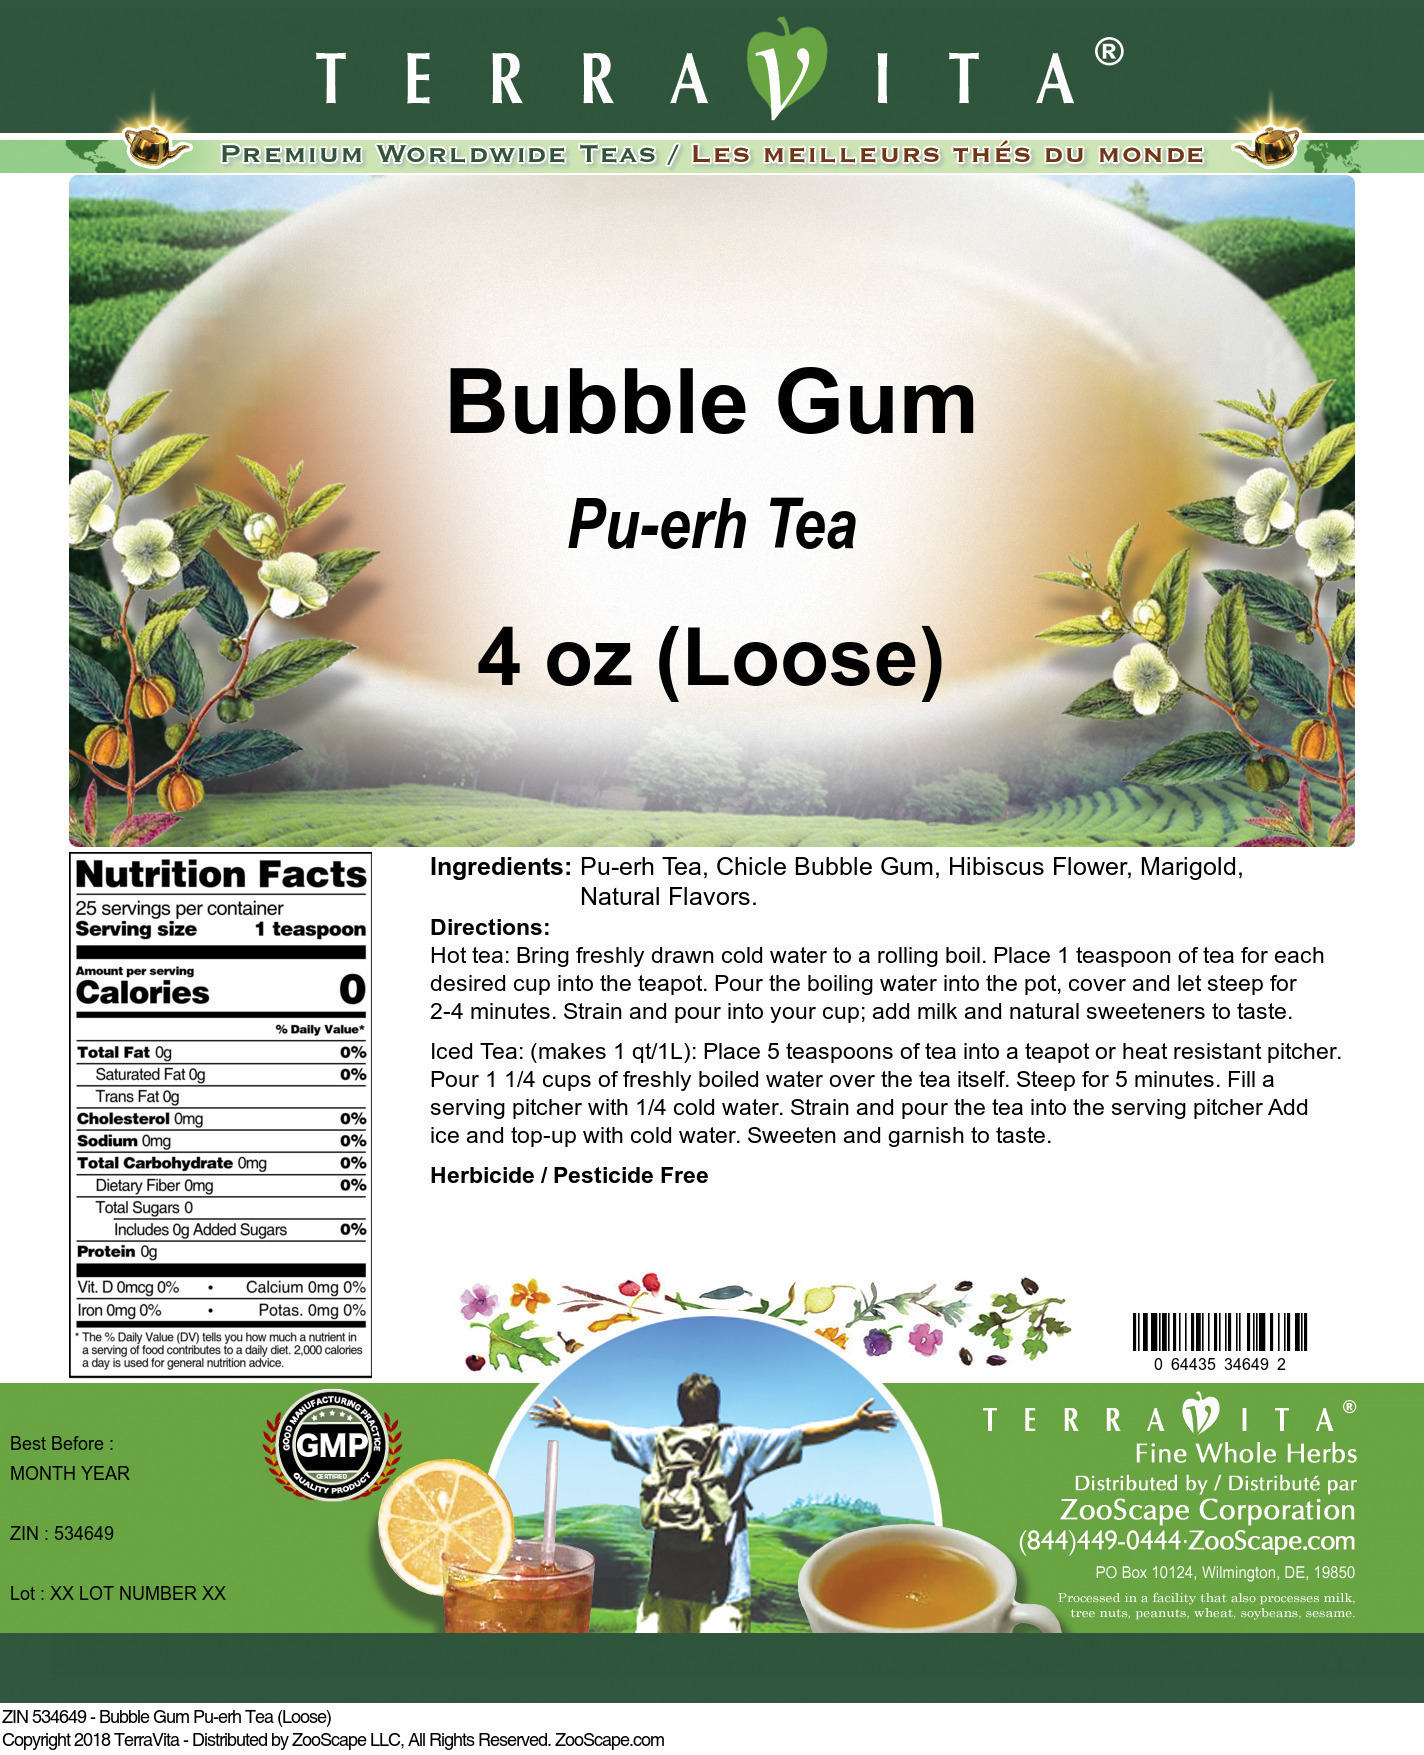 Bubble Gum Pu-erh Tea (Loose)